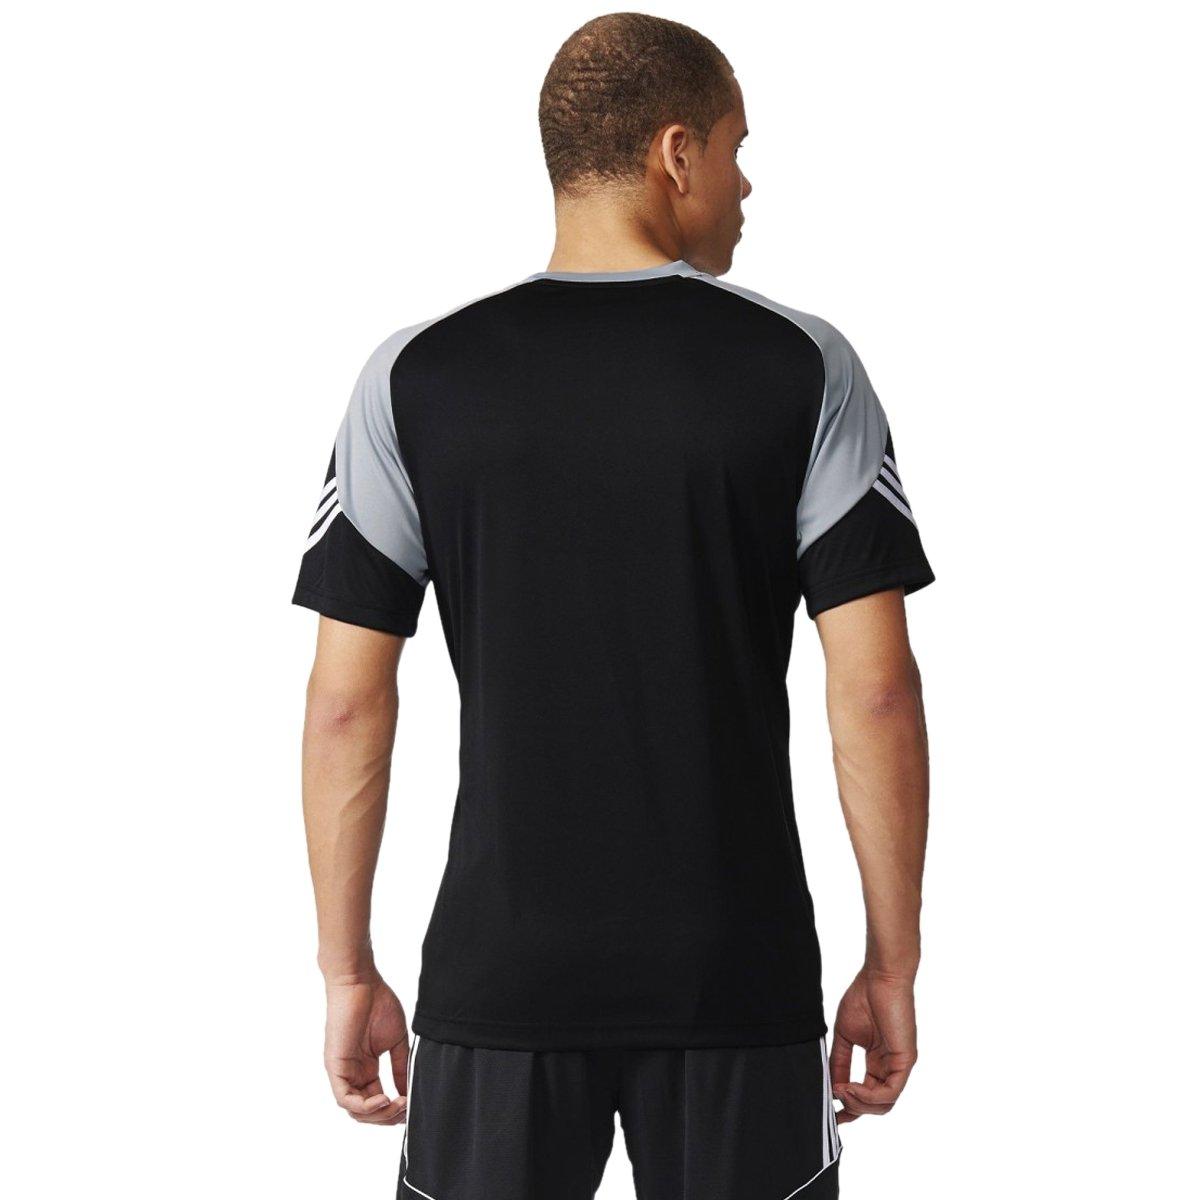 38da273667 ... 12daf94a5a6 Bizz Store - Camiseta Masculina Adidas Treino Sere 14 Preta  ...